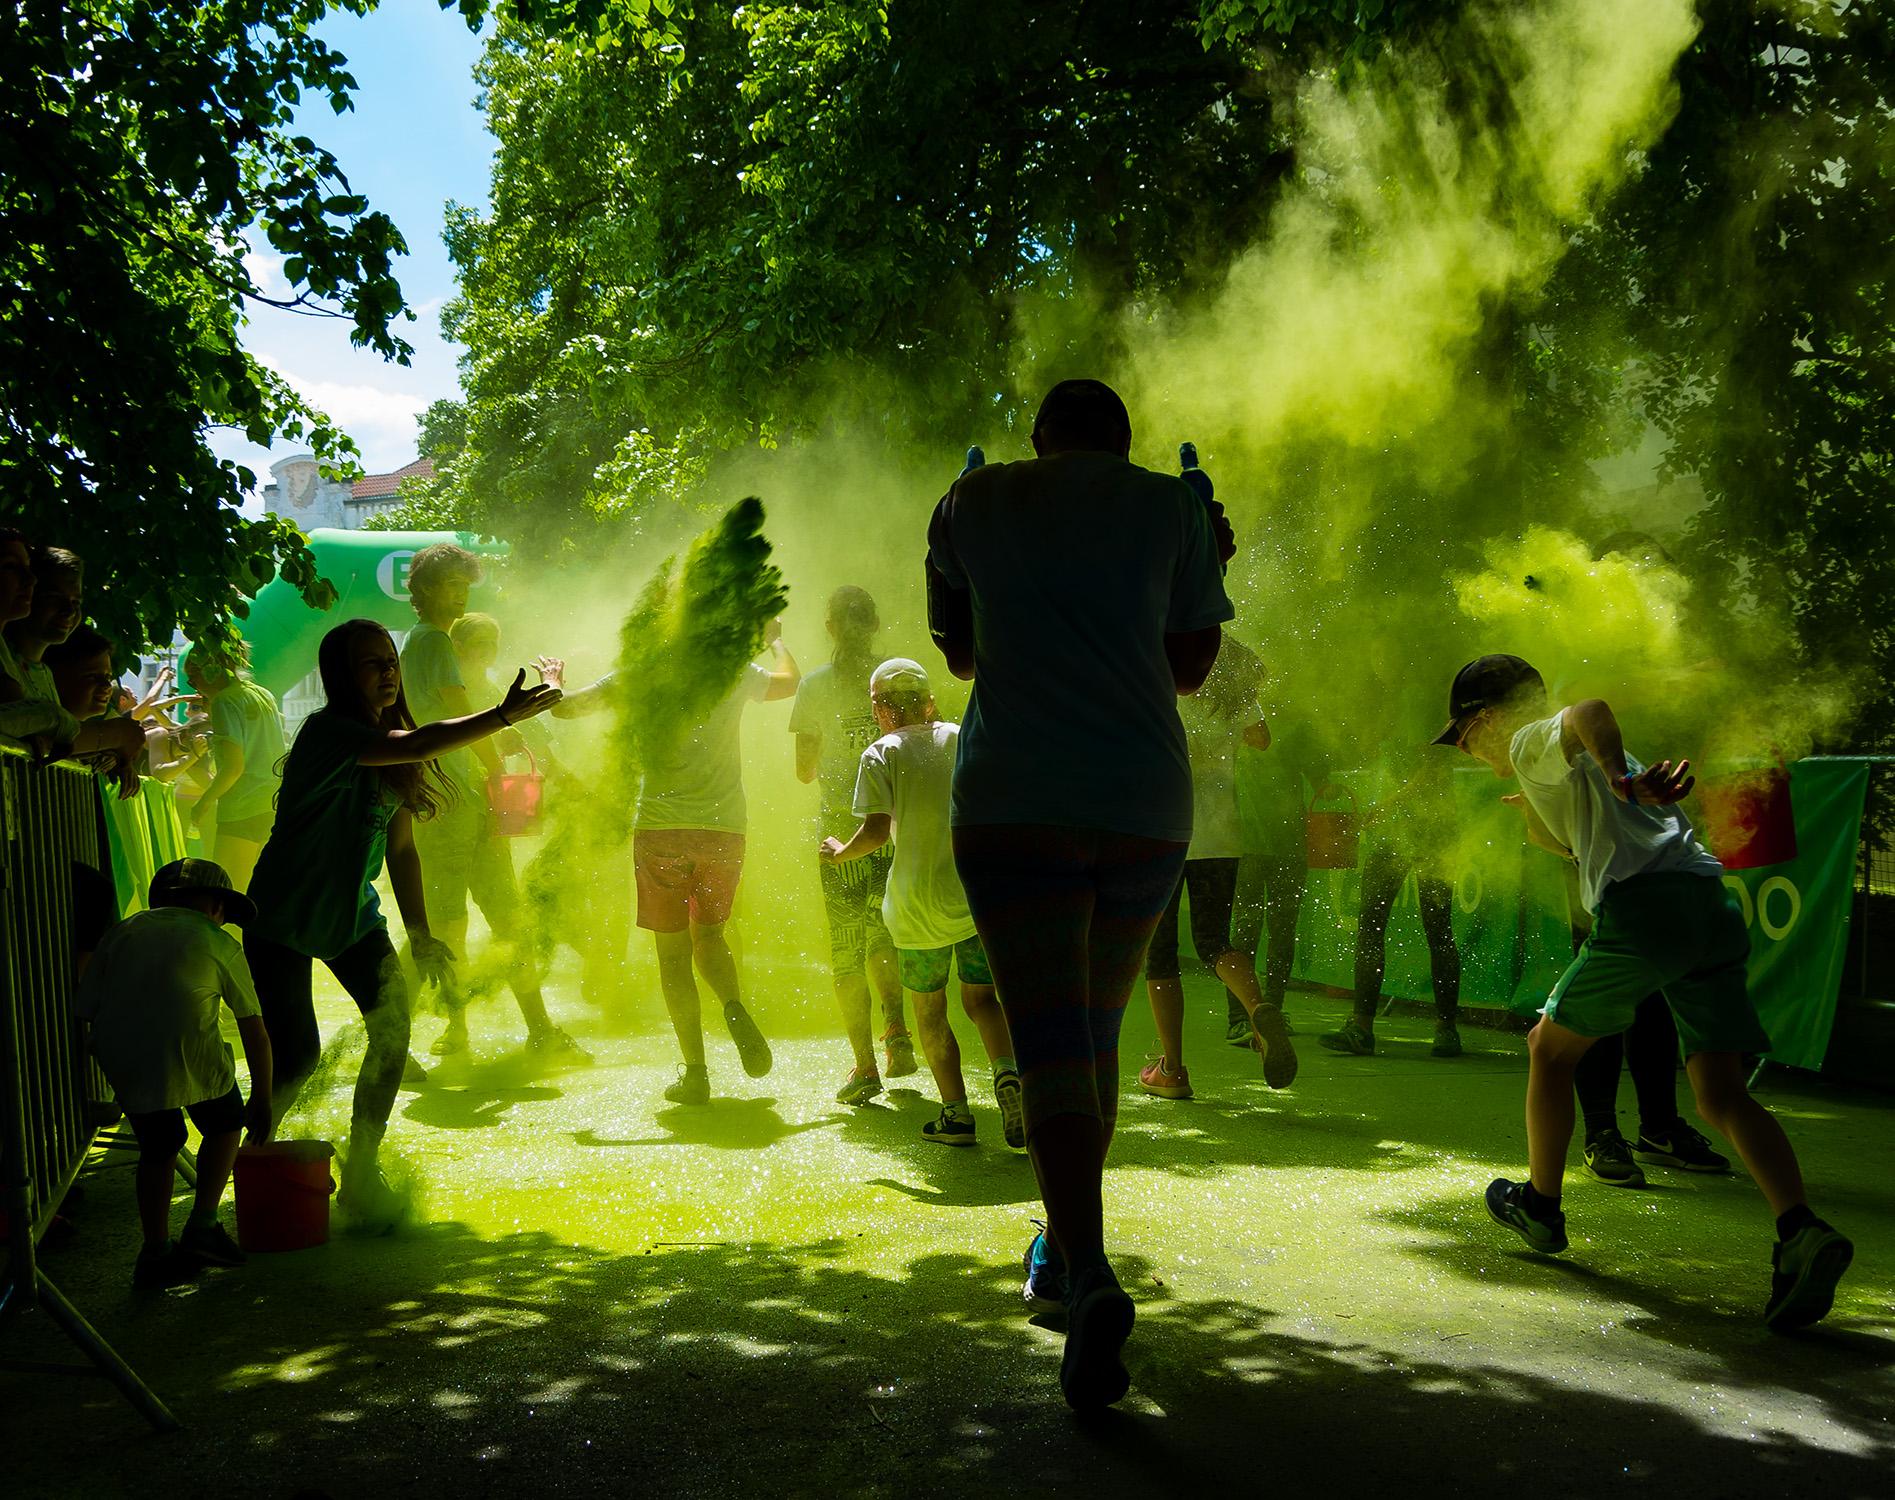 barvám neutečeš v Praze od Jan Stojan Photography ©